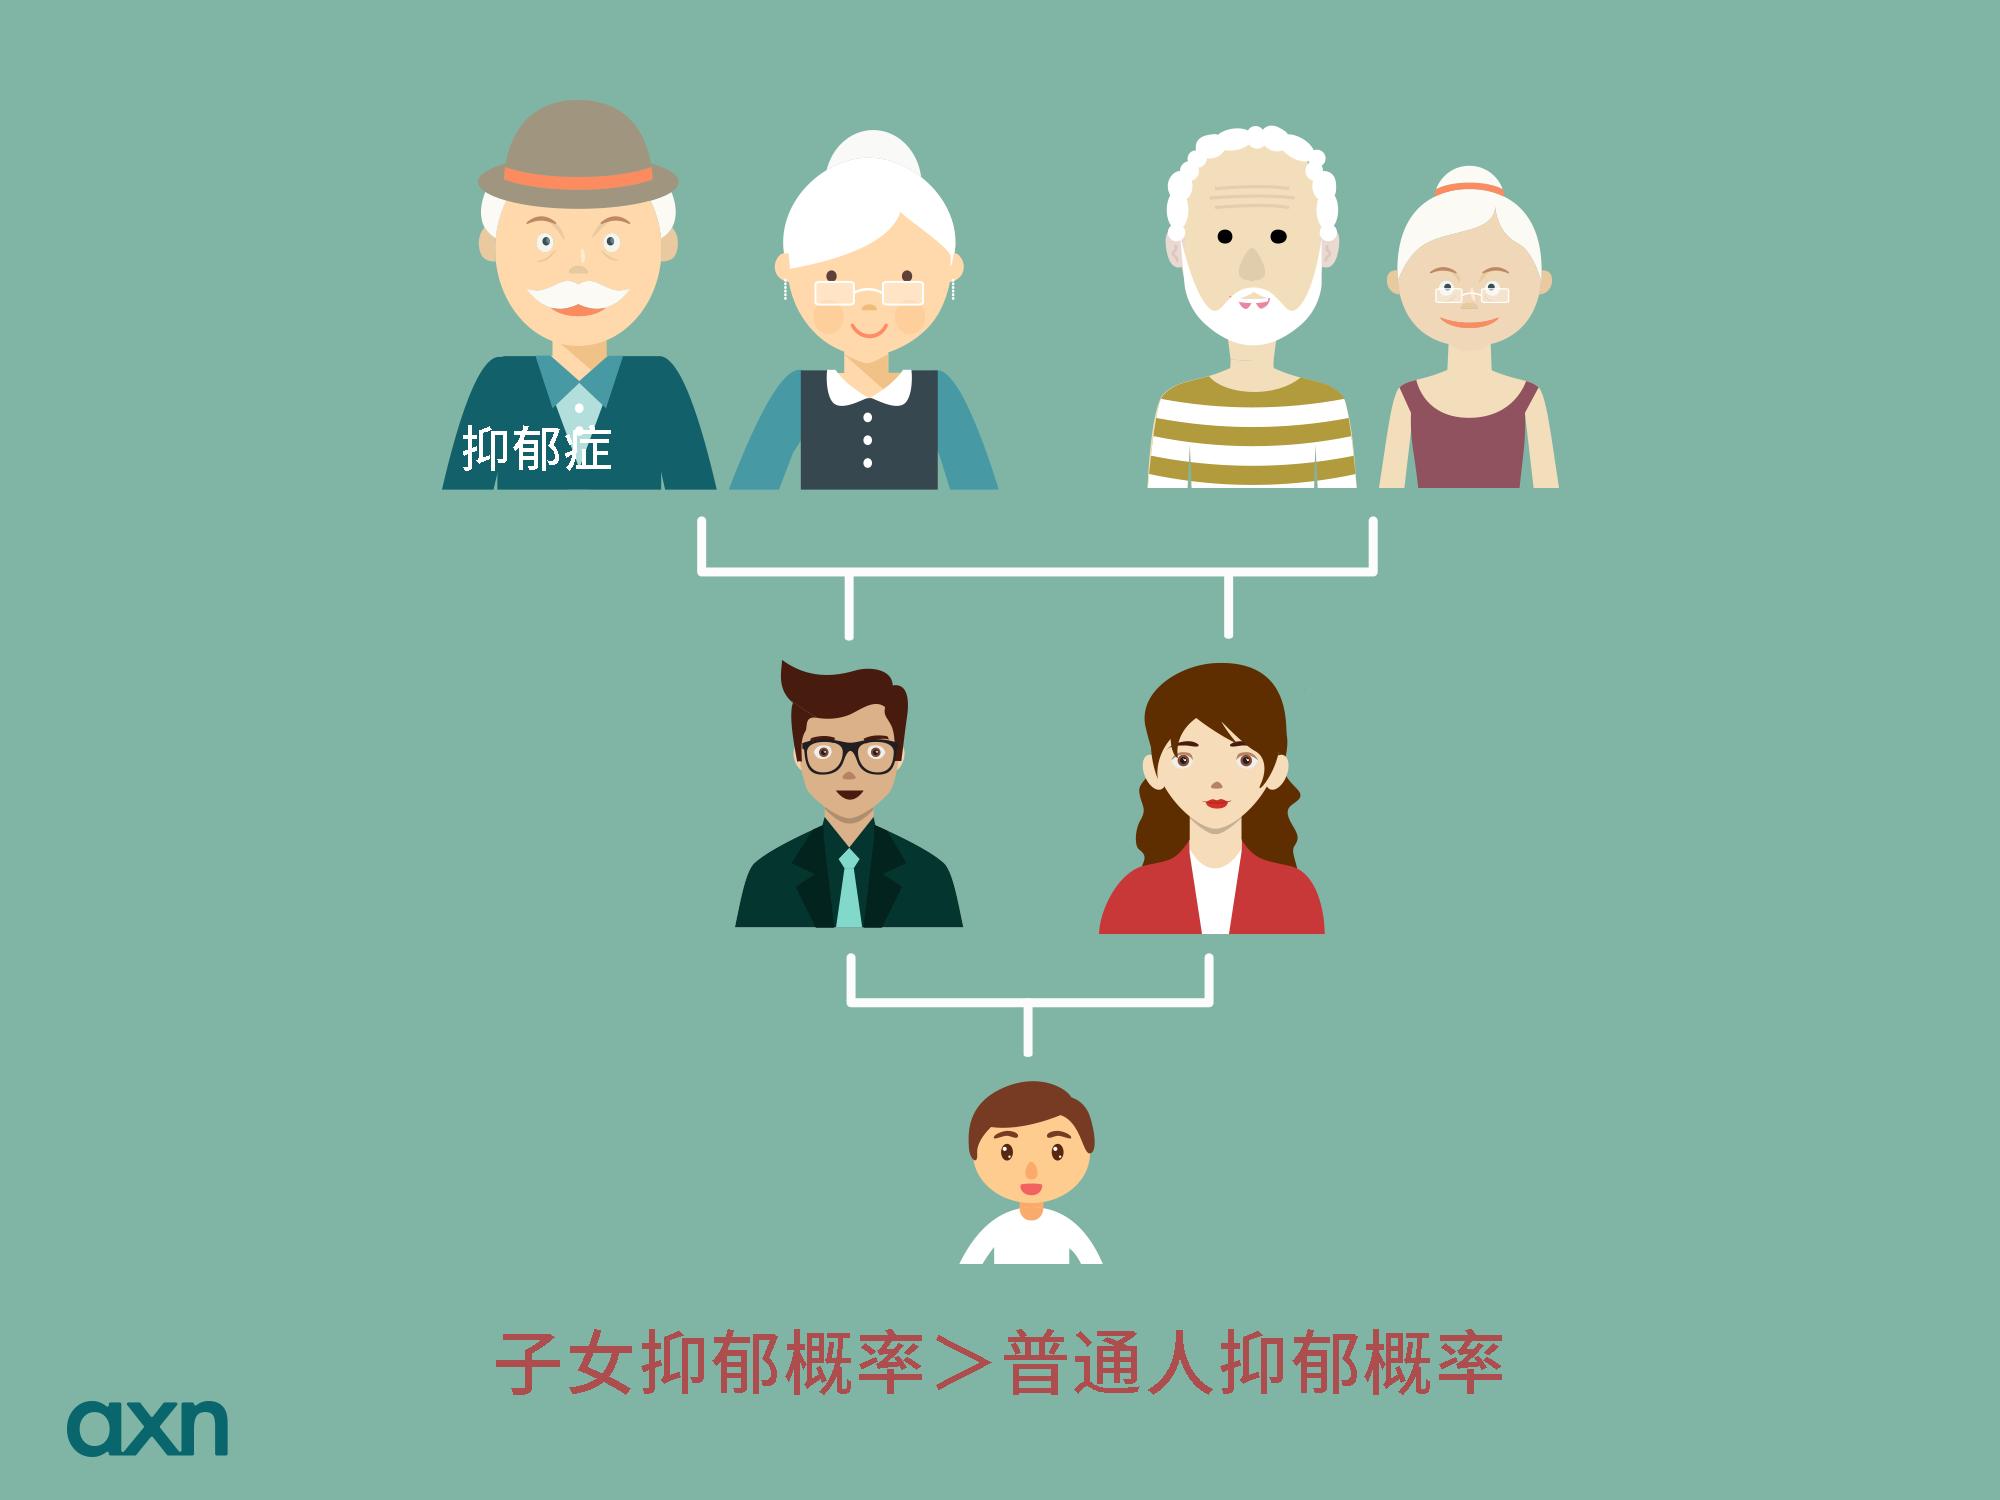 遗传性心理疾病家族图.png